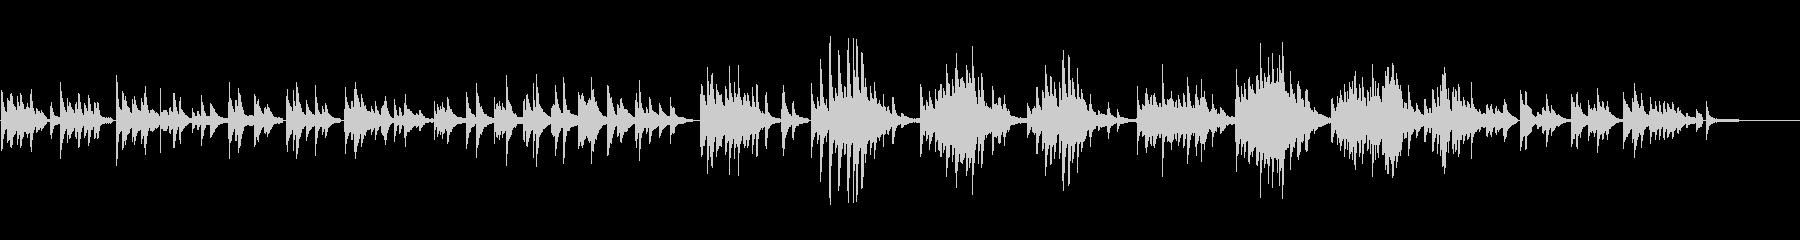 生ピアノソロ・夜の雪の未再生の波形